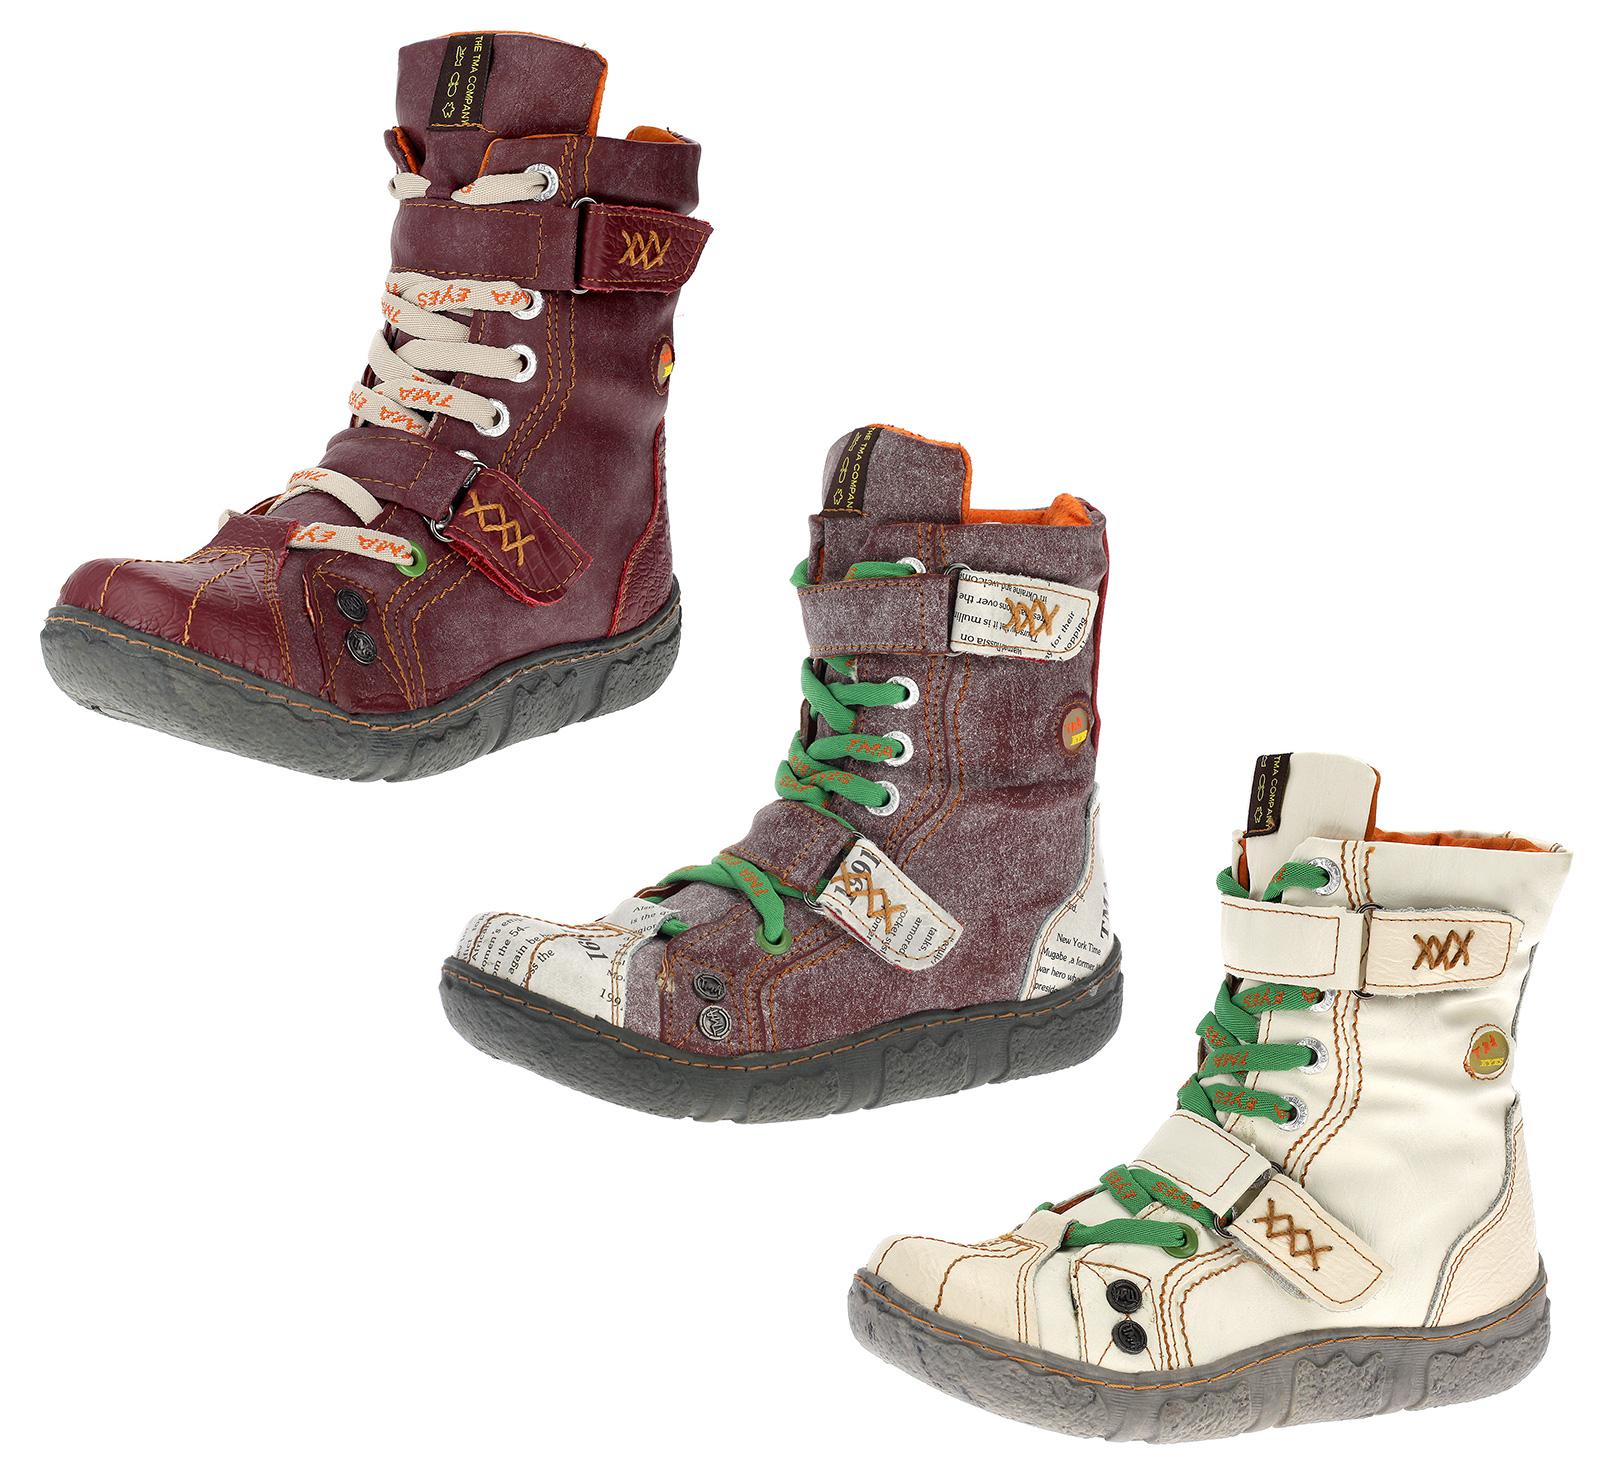 NEU Schuhe Stiefelette Echtleder Damen Boot gefüttert Winter 36 37 38 39 40 41